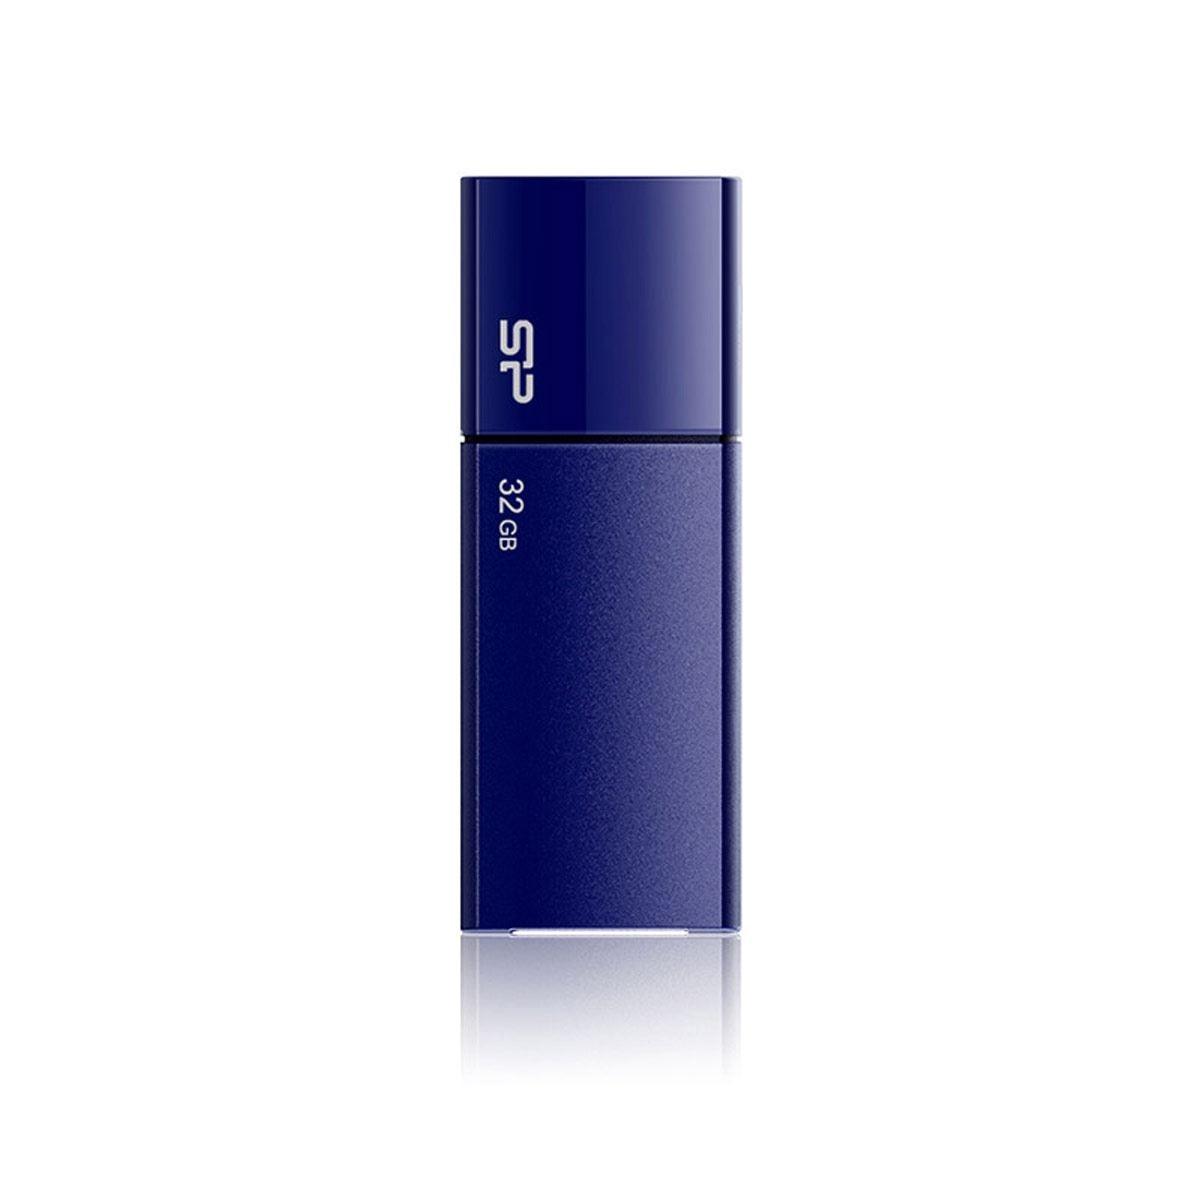 USB  2.0 U05A 32GB Silicon Power